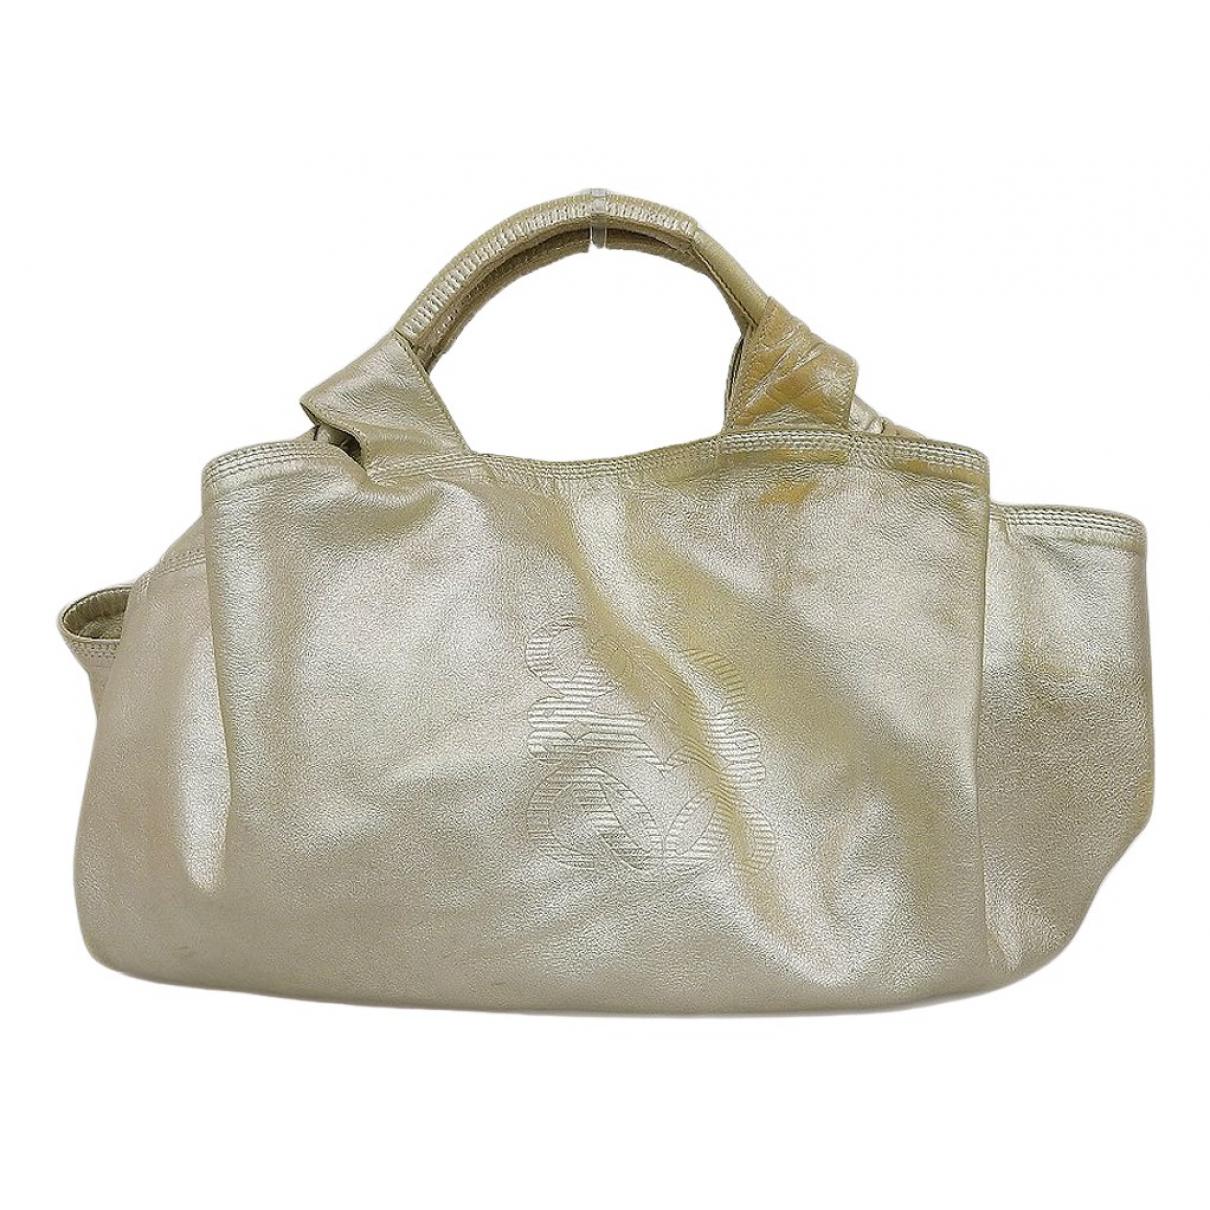 Loewe \N Gold Leather handbag for Women \N